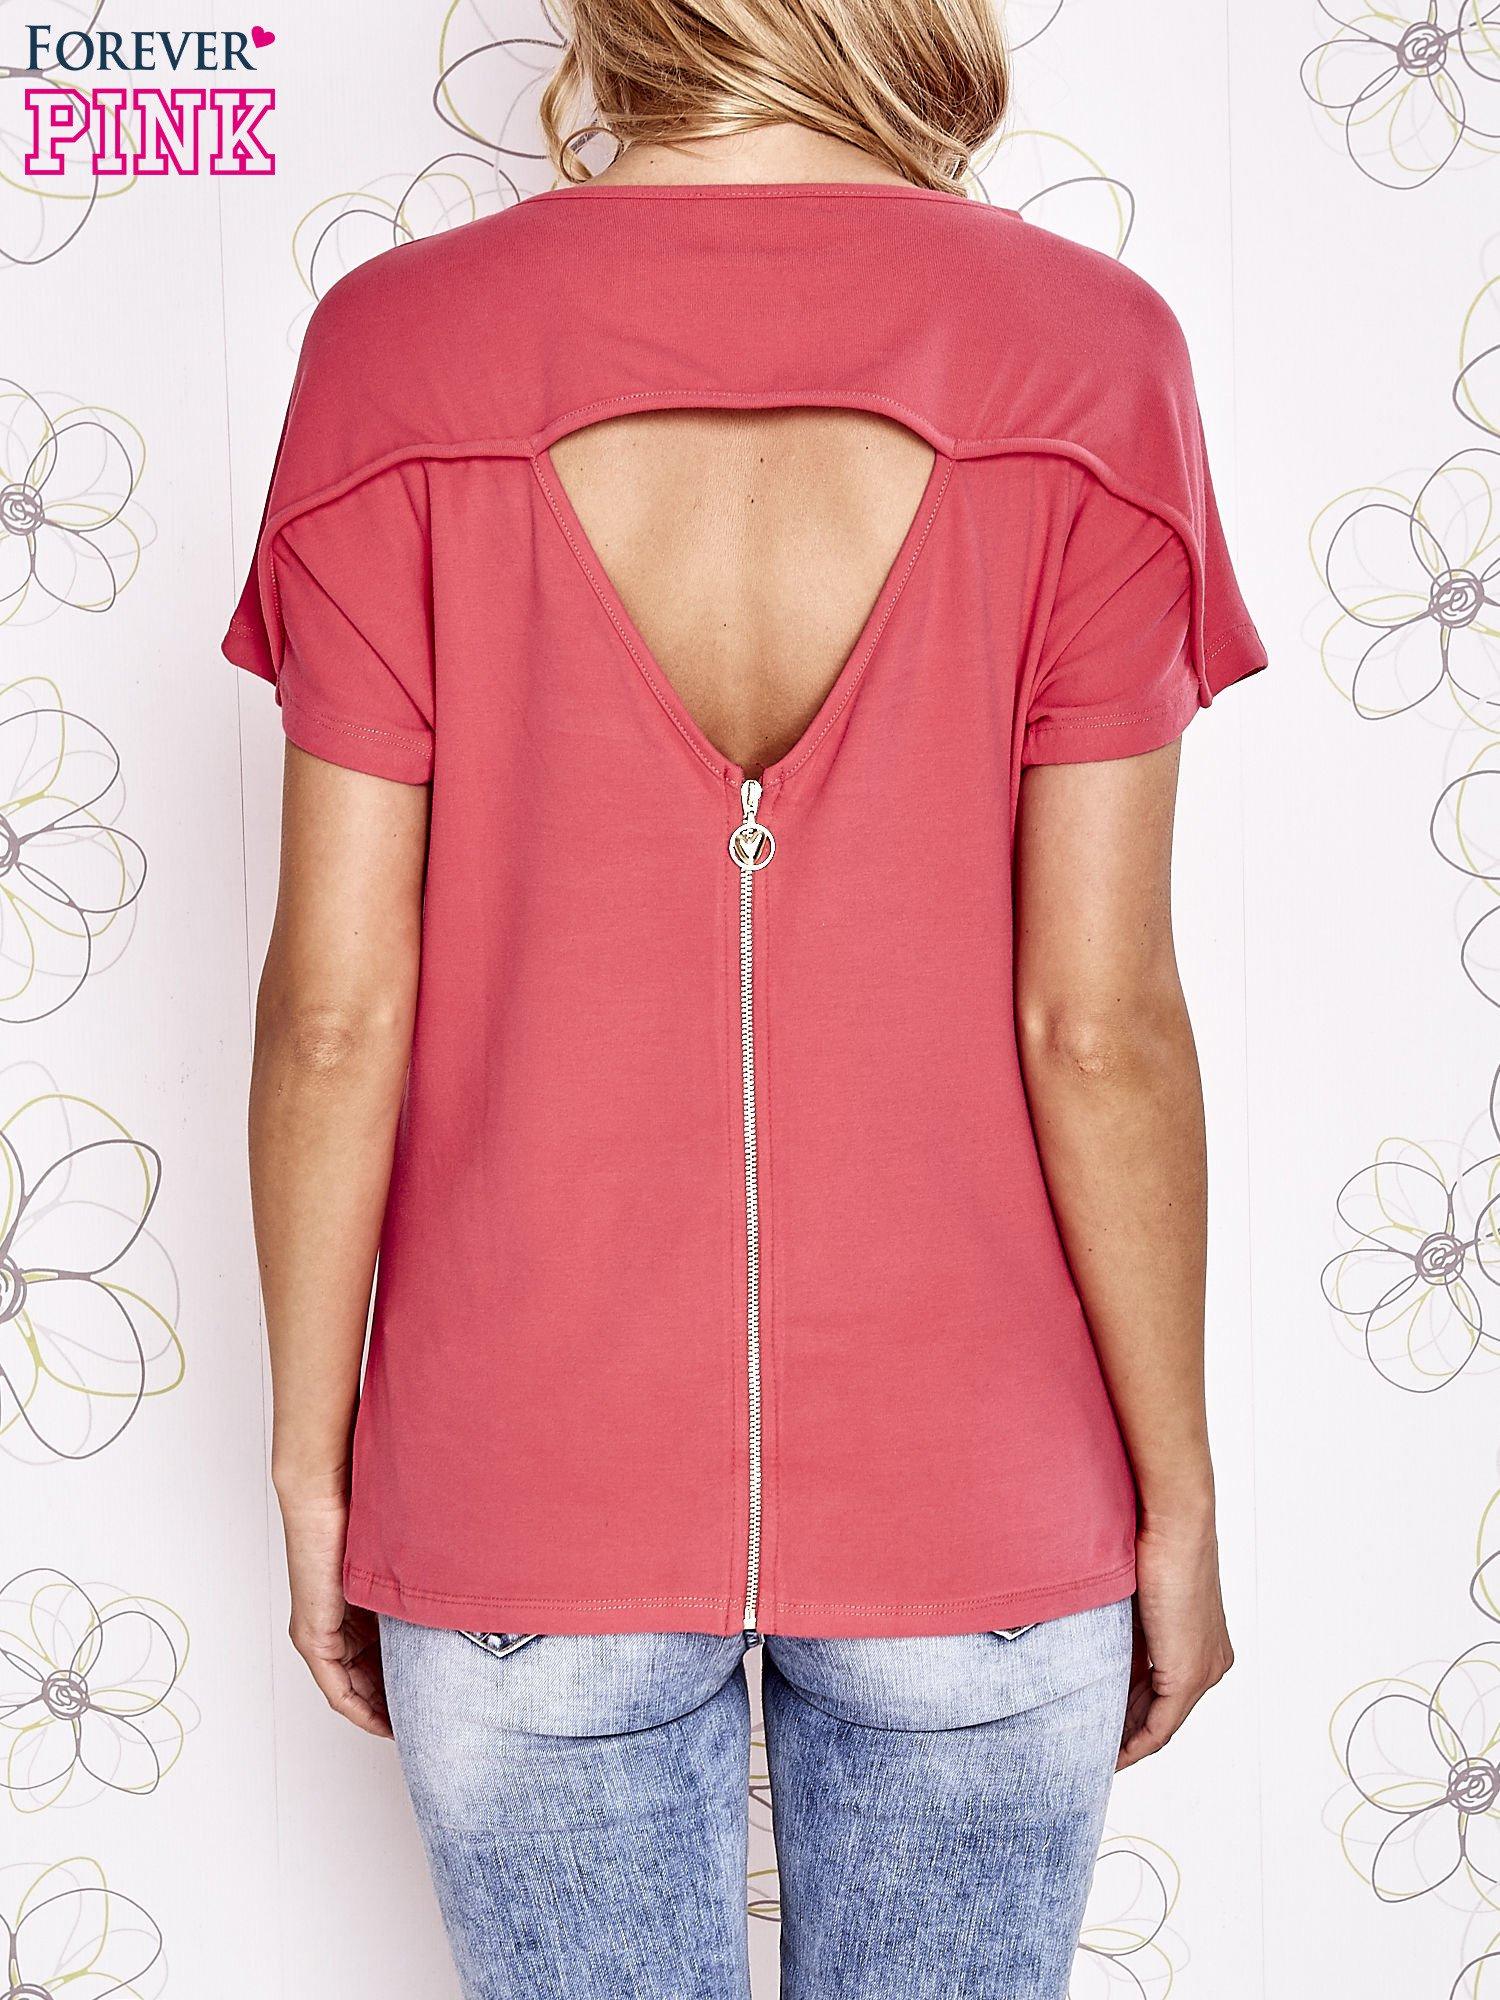 Koralowy t-shirt z napisem i trójkątnym wycięciem na plecach                                  zdj.                                  2